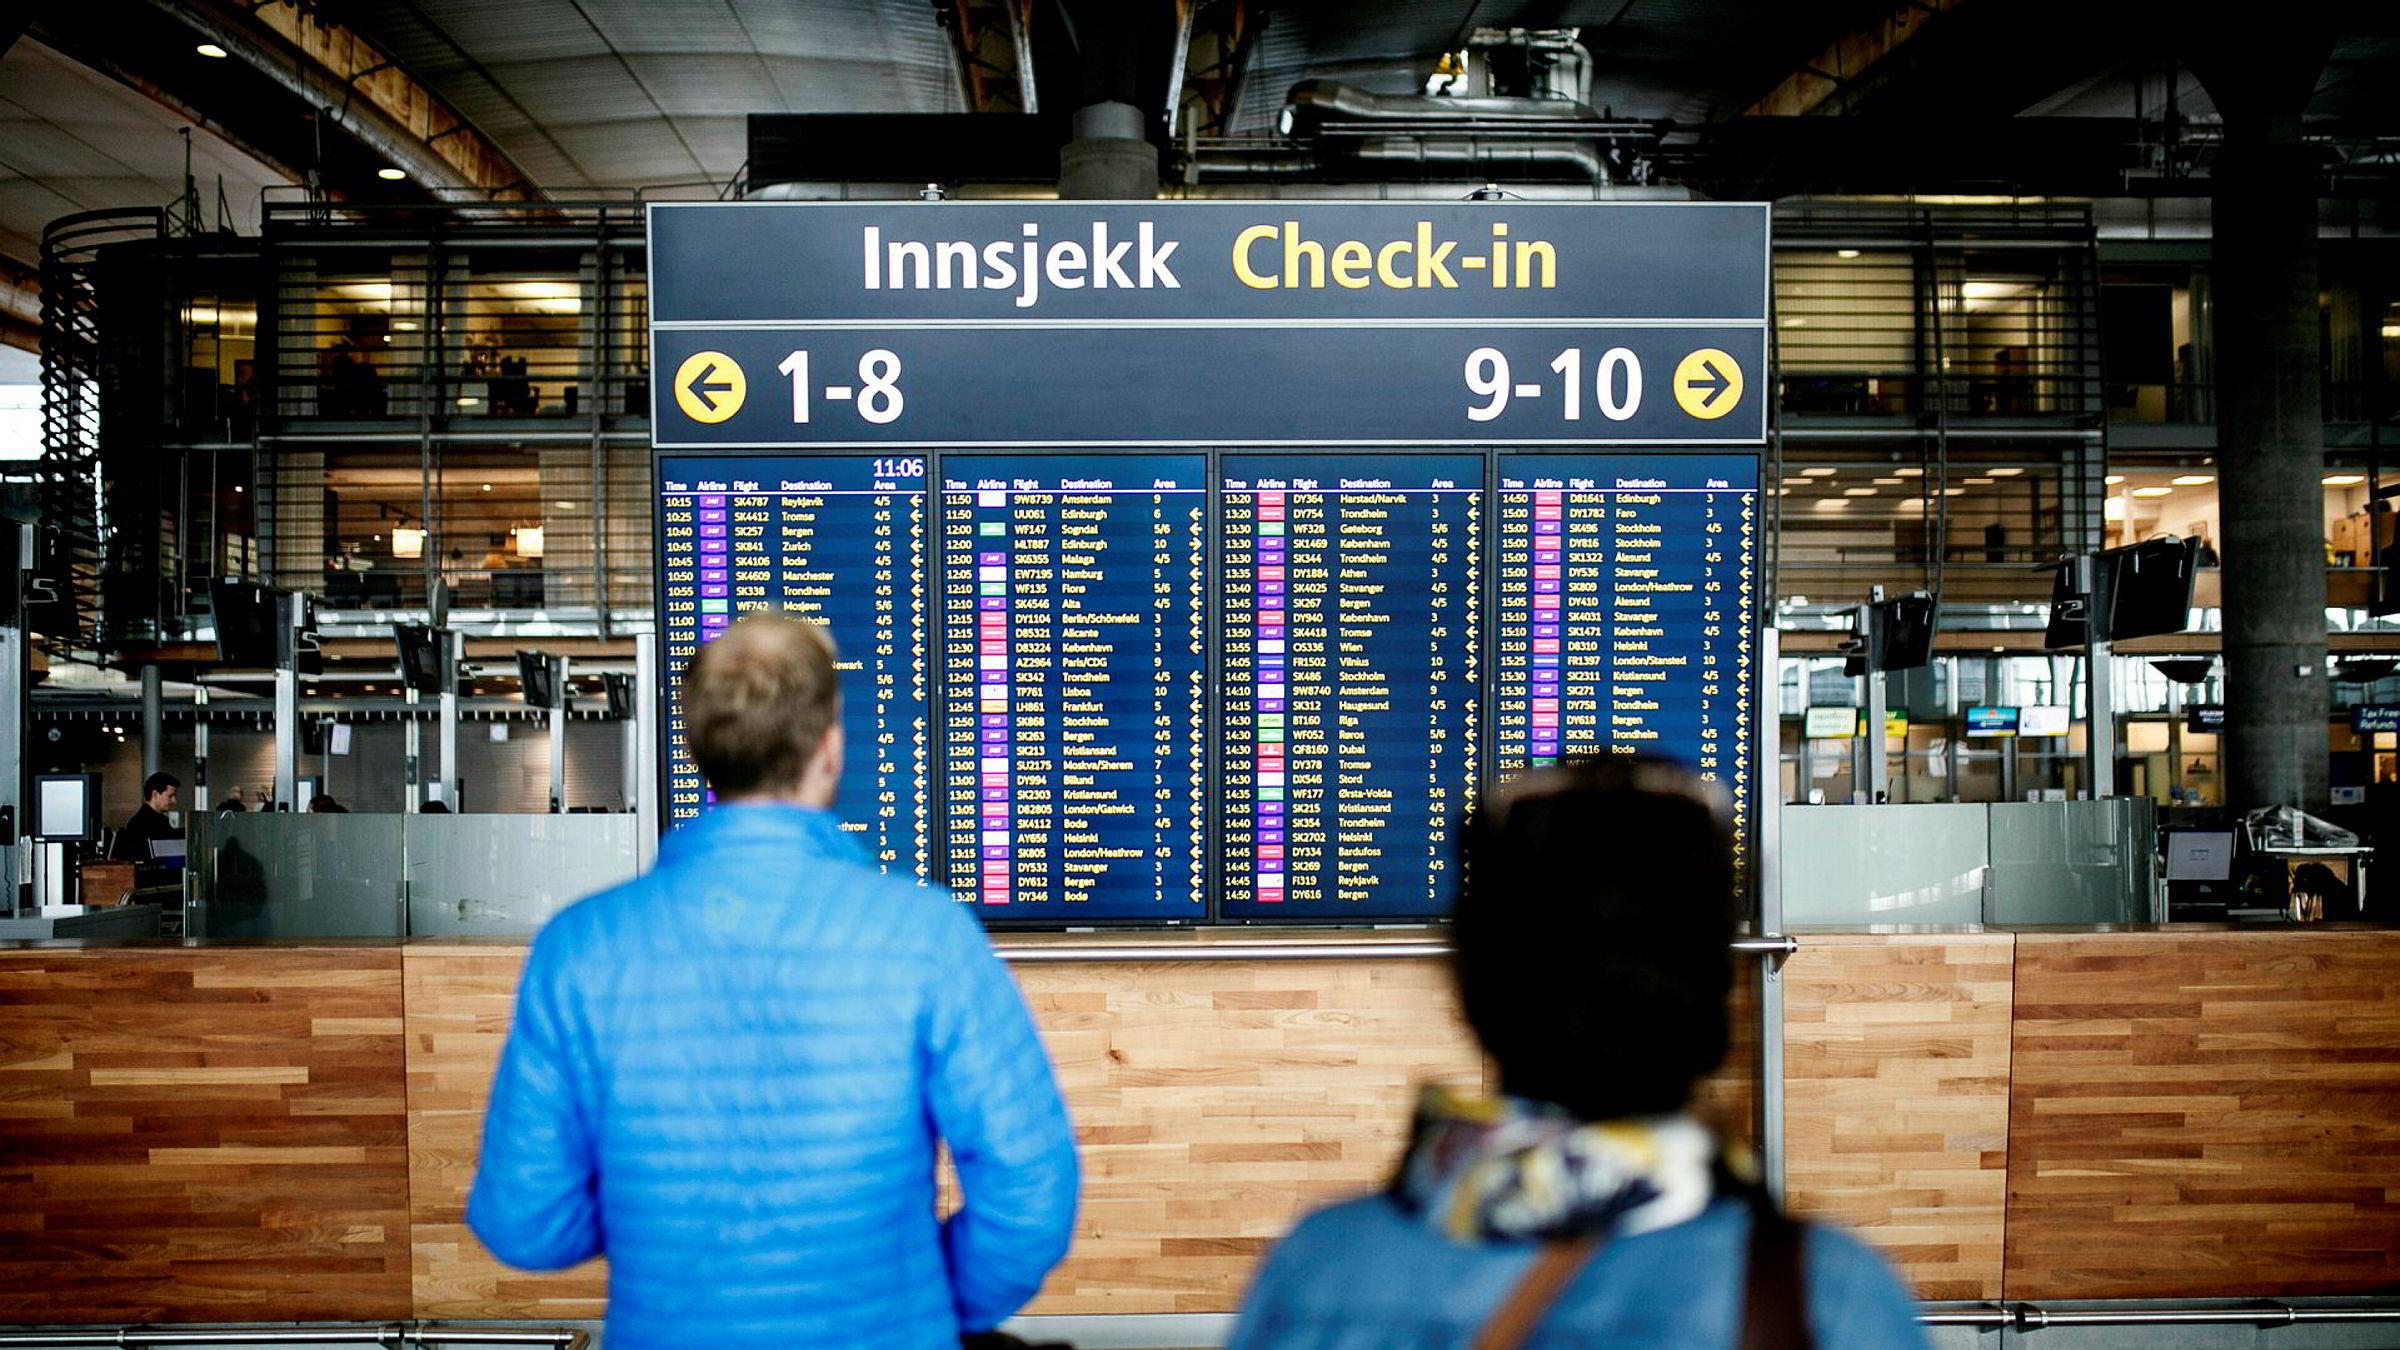 Selv om streik er årsak til at flyet er forsinket, kan du ha rett på erstatning, mener selskapet AirHelp, etter at en EU-domstol denne uken fastslo at en ulovlig streik i flyselskapet TUIfly i 2016 ikke fritok selskapet for erstatningsansvar overfor de reisende.